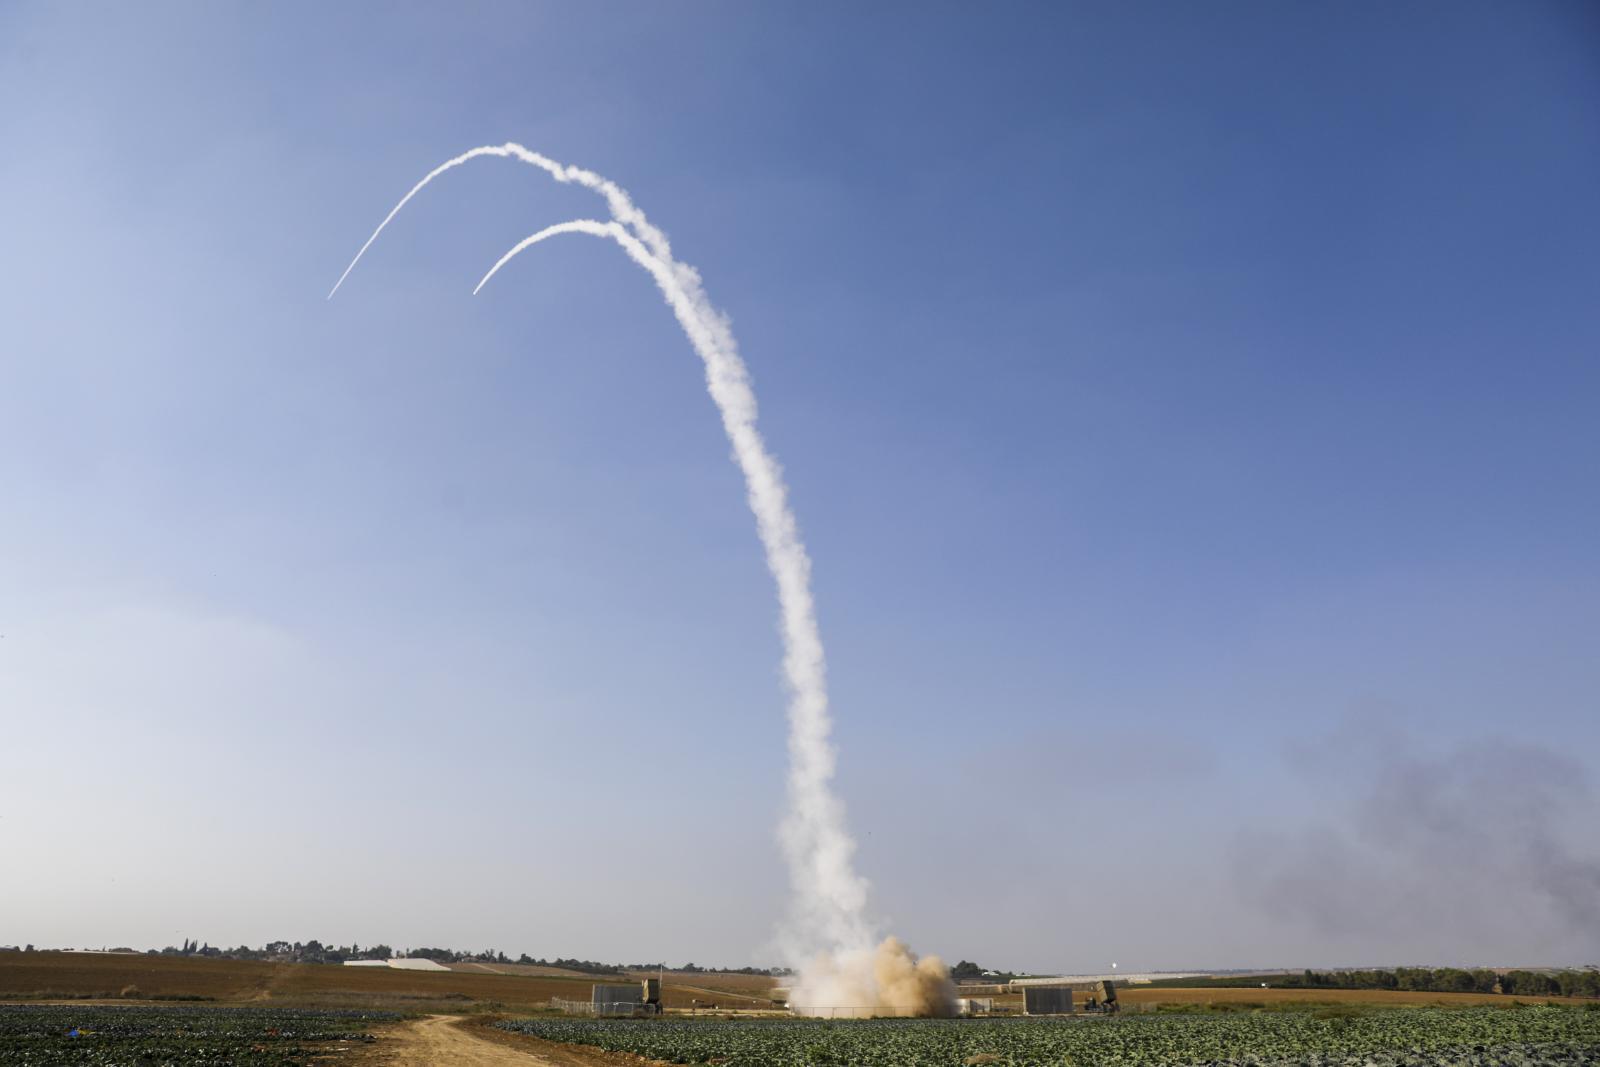 ปาเลสไตน์ ยิงจรวดกว่า 150 ลูก ถล่ม อิสราเอล หลังแกนนำถูกสังหาร